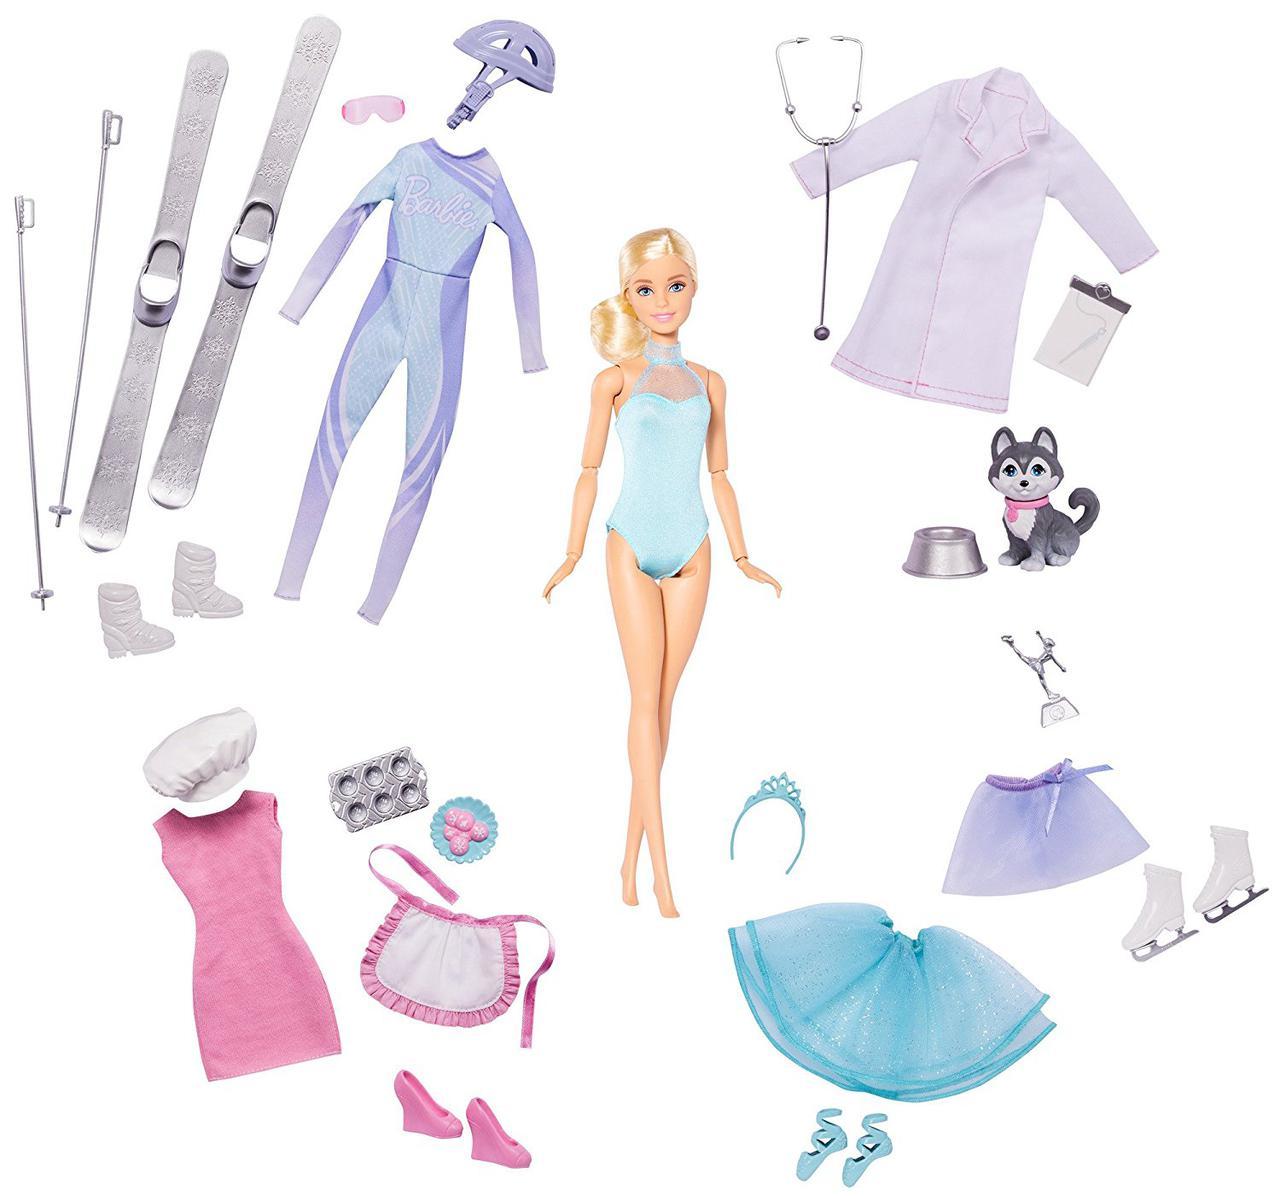 Кукла Барби Календарь приключений адвент игровой набор Barbie Advent Calendar